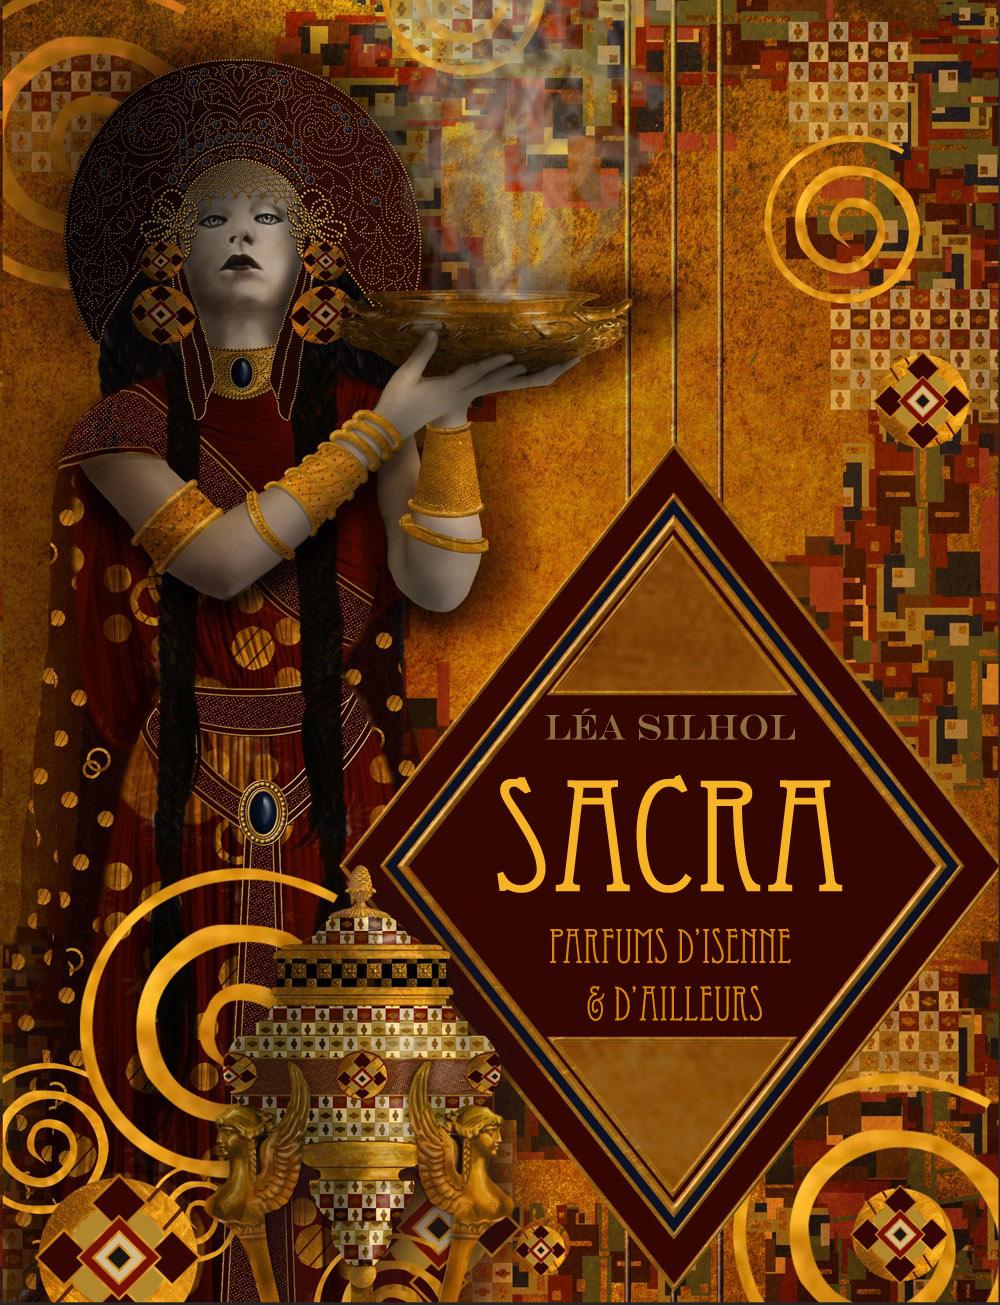 Sacra, Parfums d'Isenne et d'Ailleurs